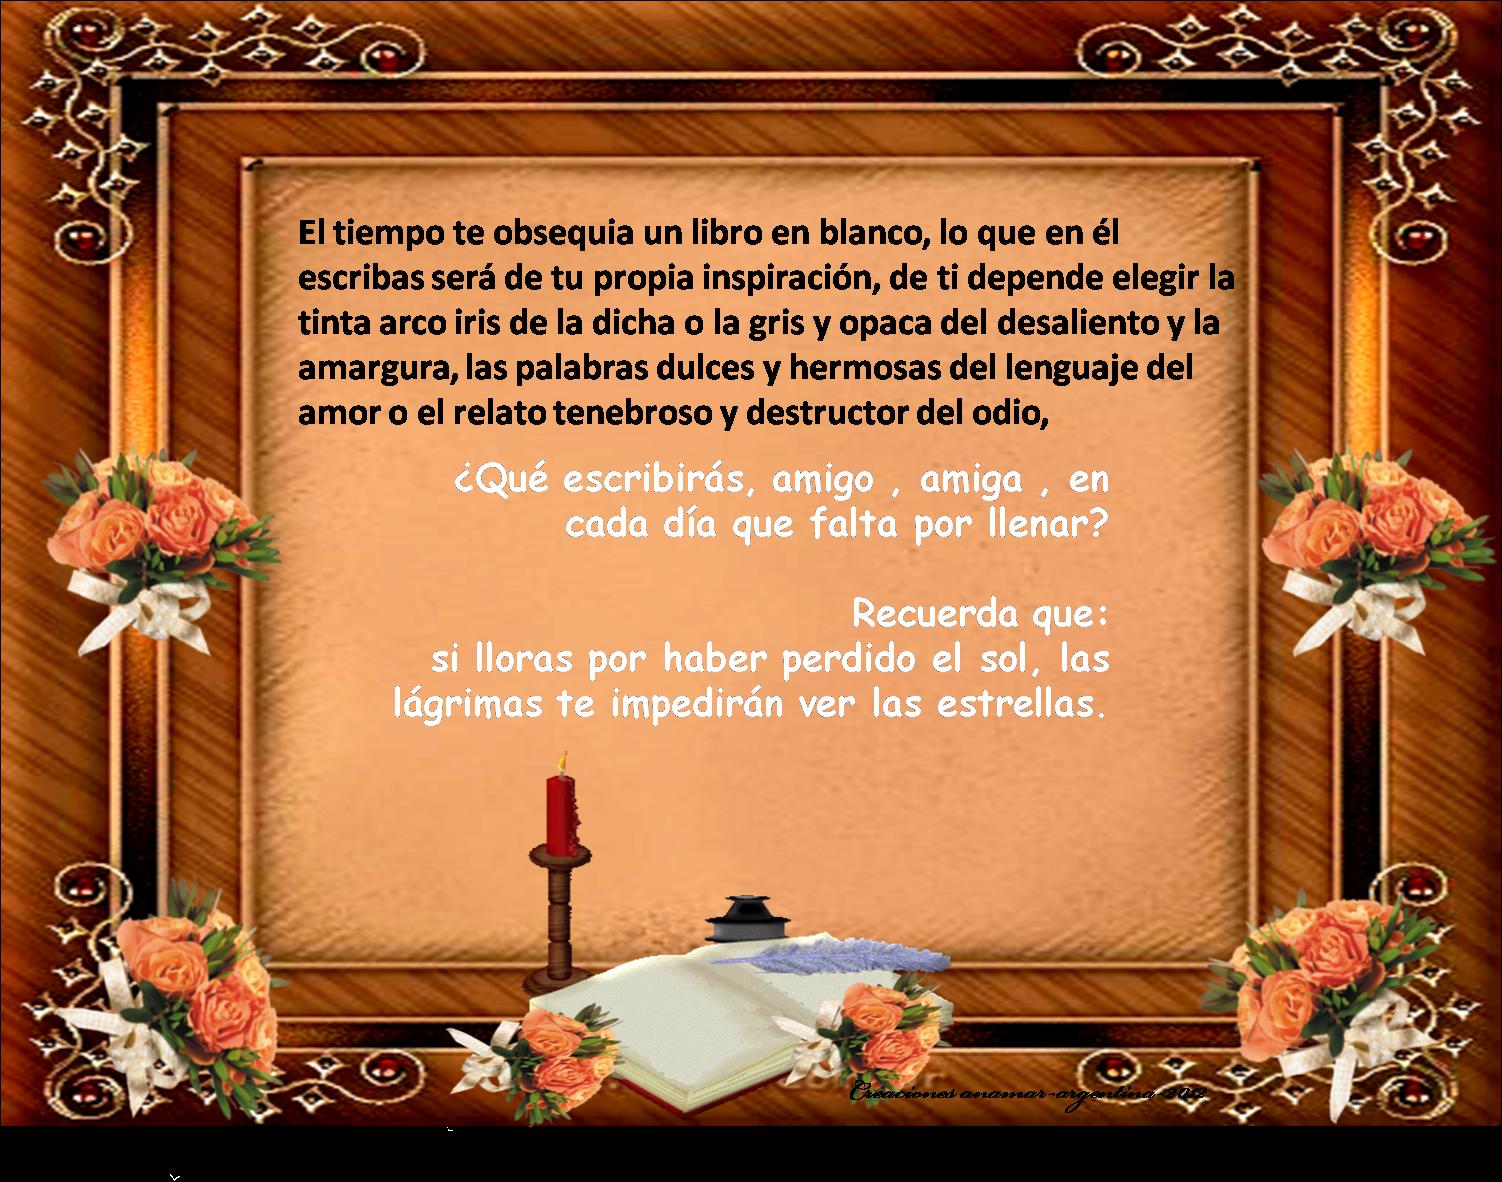 ///El tiempo...la nostalgia...=== - Página 2 Imagenes+con+frases+83+-creaciones+anamar-argentina-2012